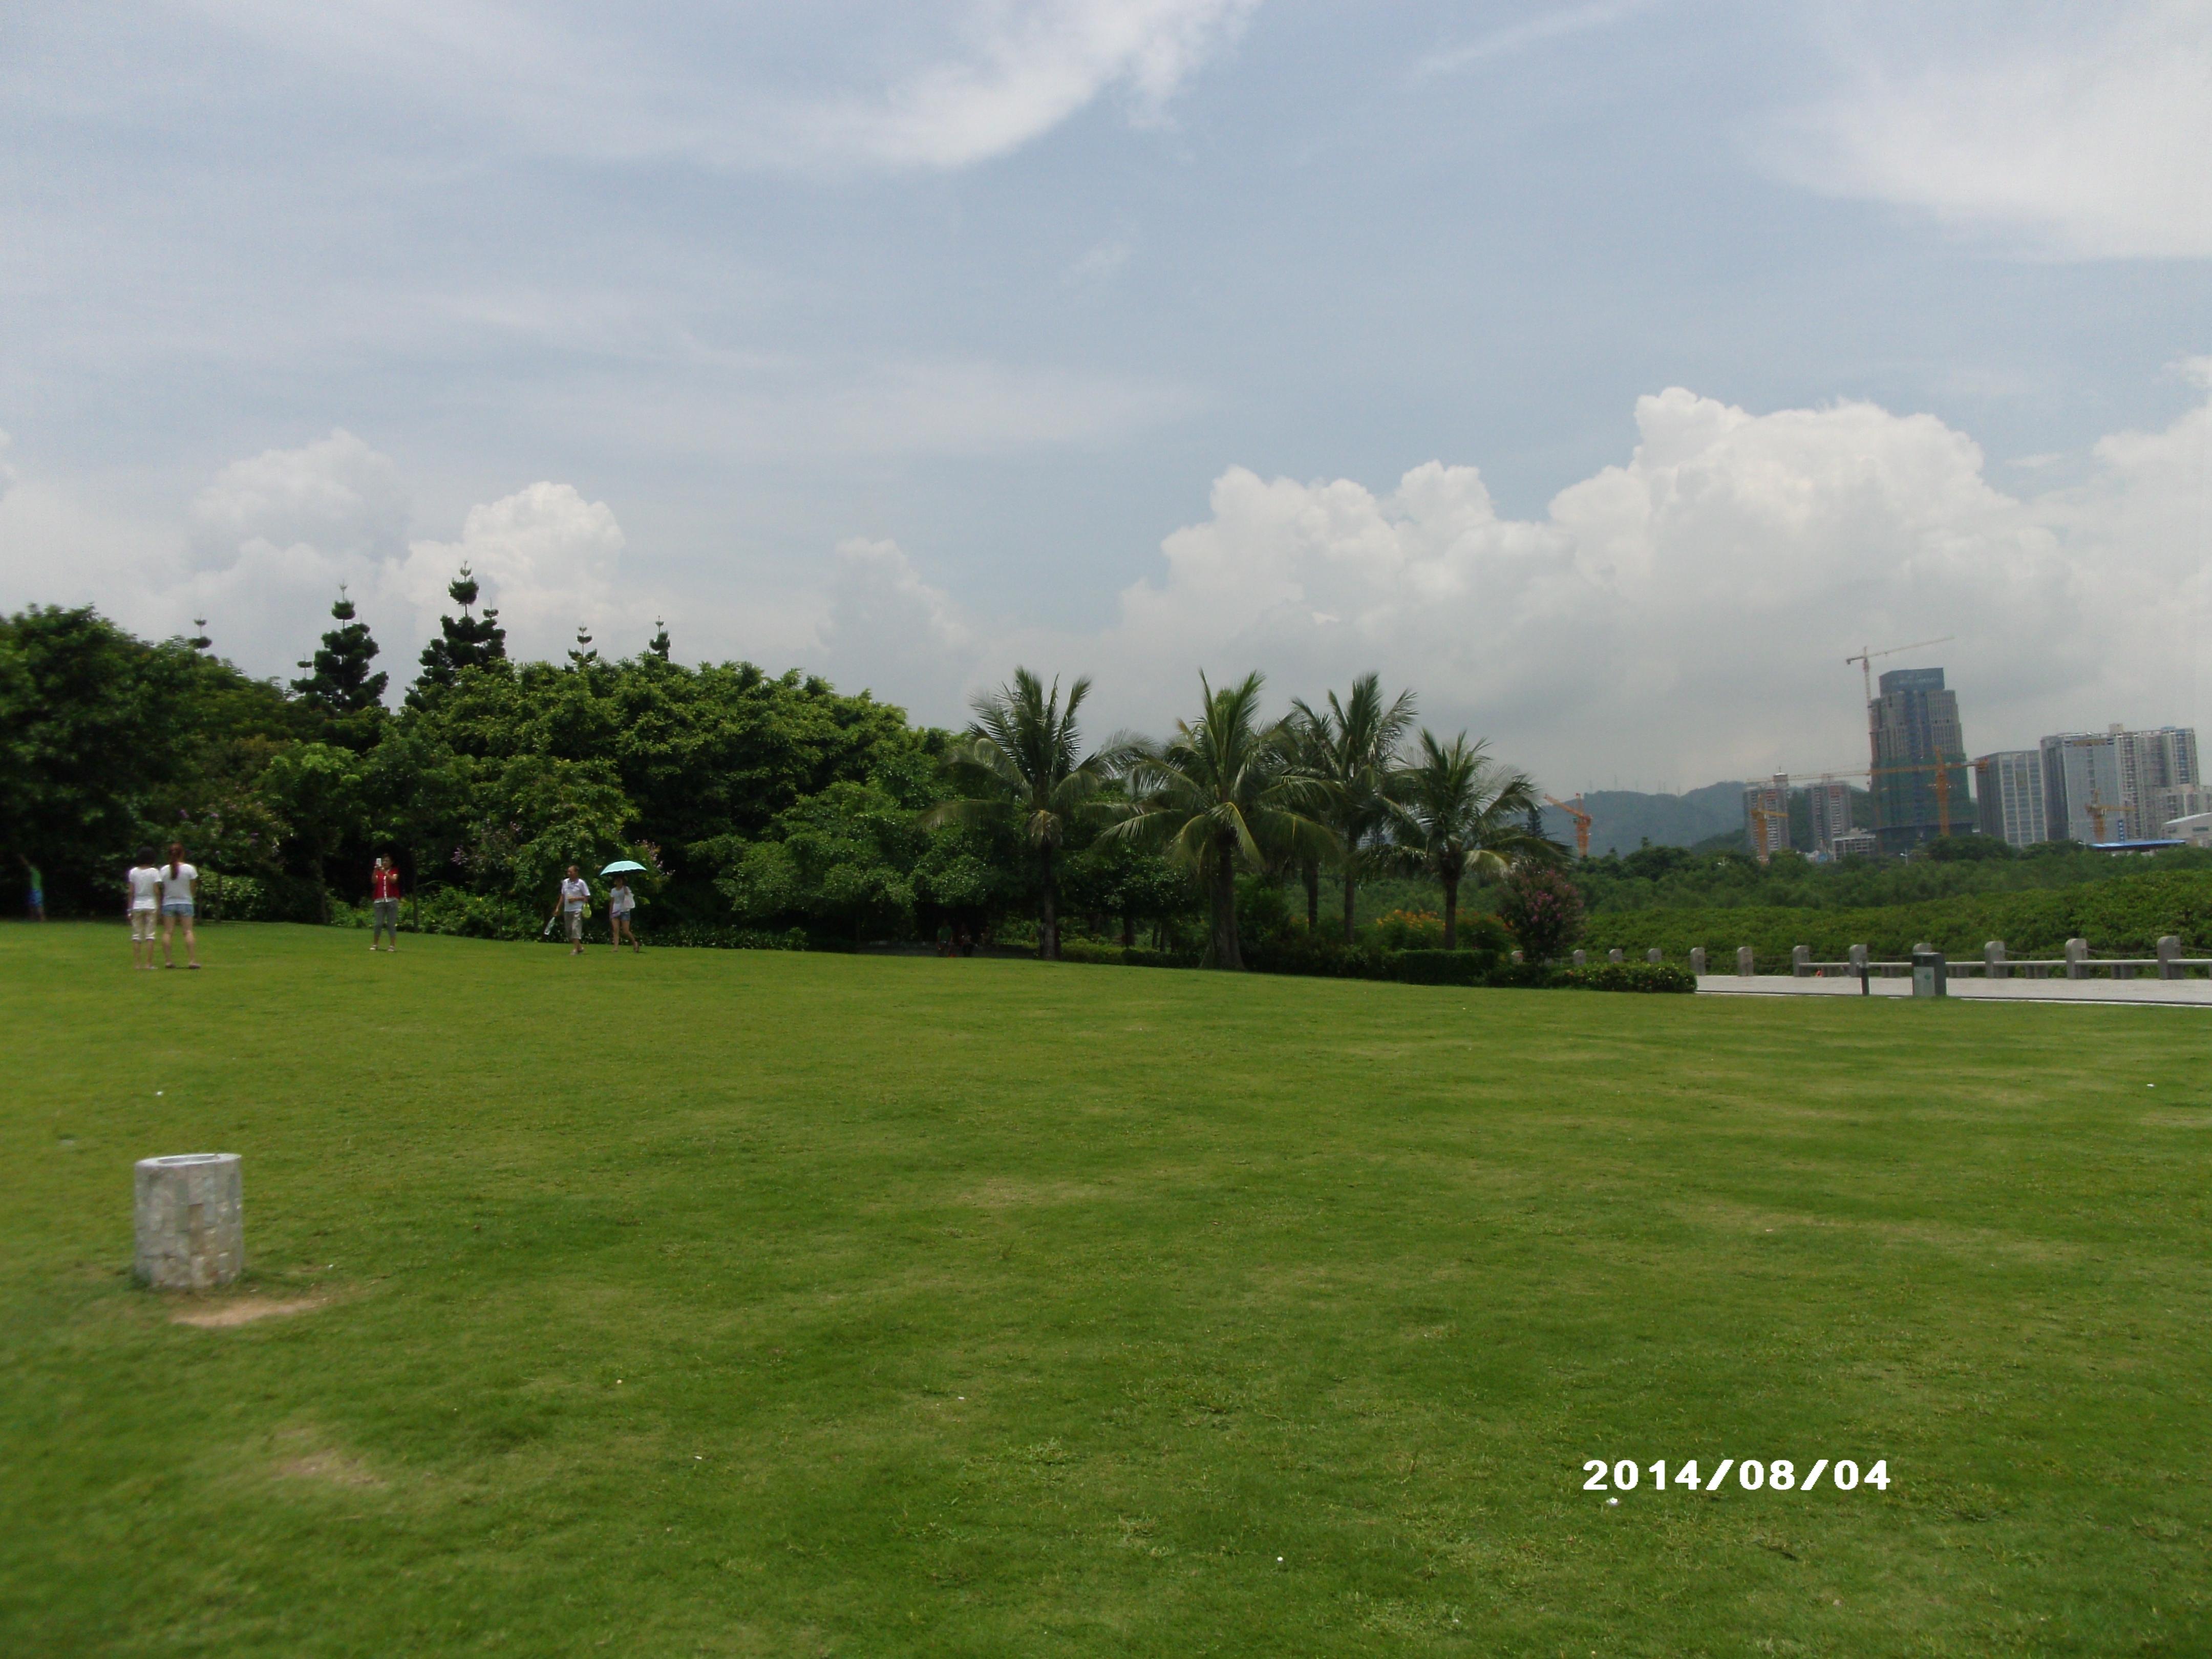 深圳红树林公园门票_建议游览2小时 深圳红树林,几年前去的,不要门票